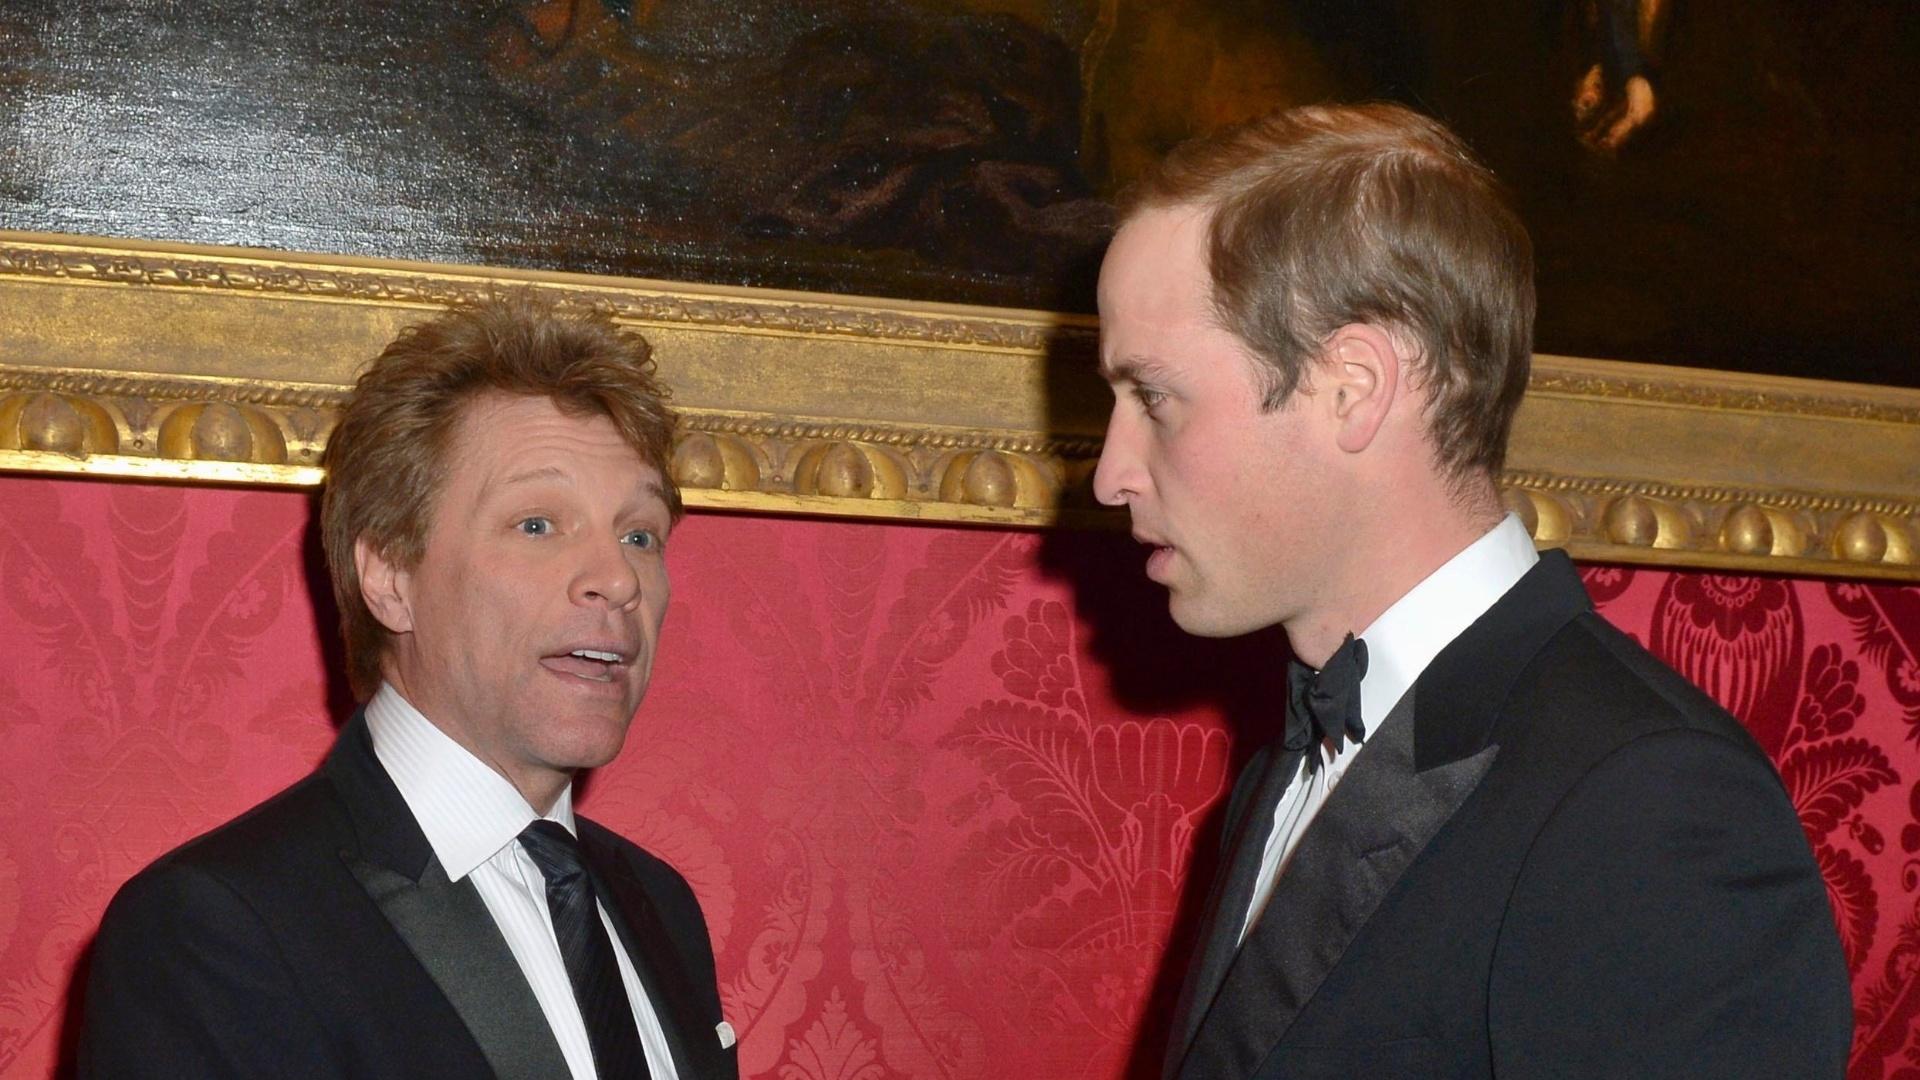 26.nov.2013 - Príncipe William conversa com o cantor Jon Bon Jovi durante evento de caridade. O Duque de Cambridge cantou a música